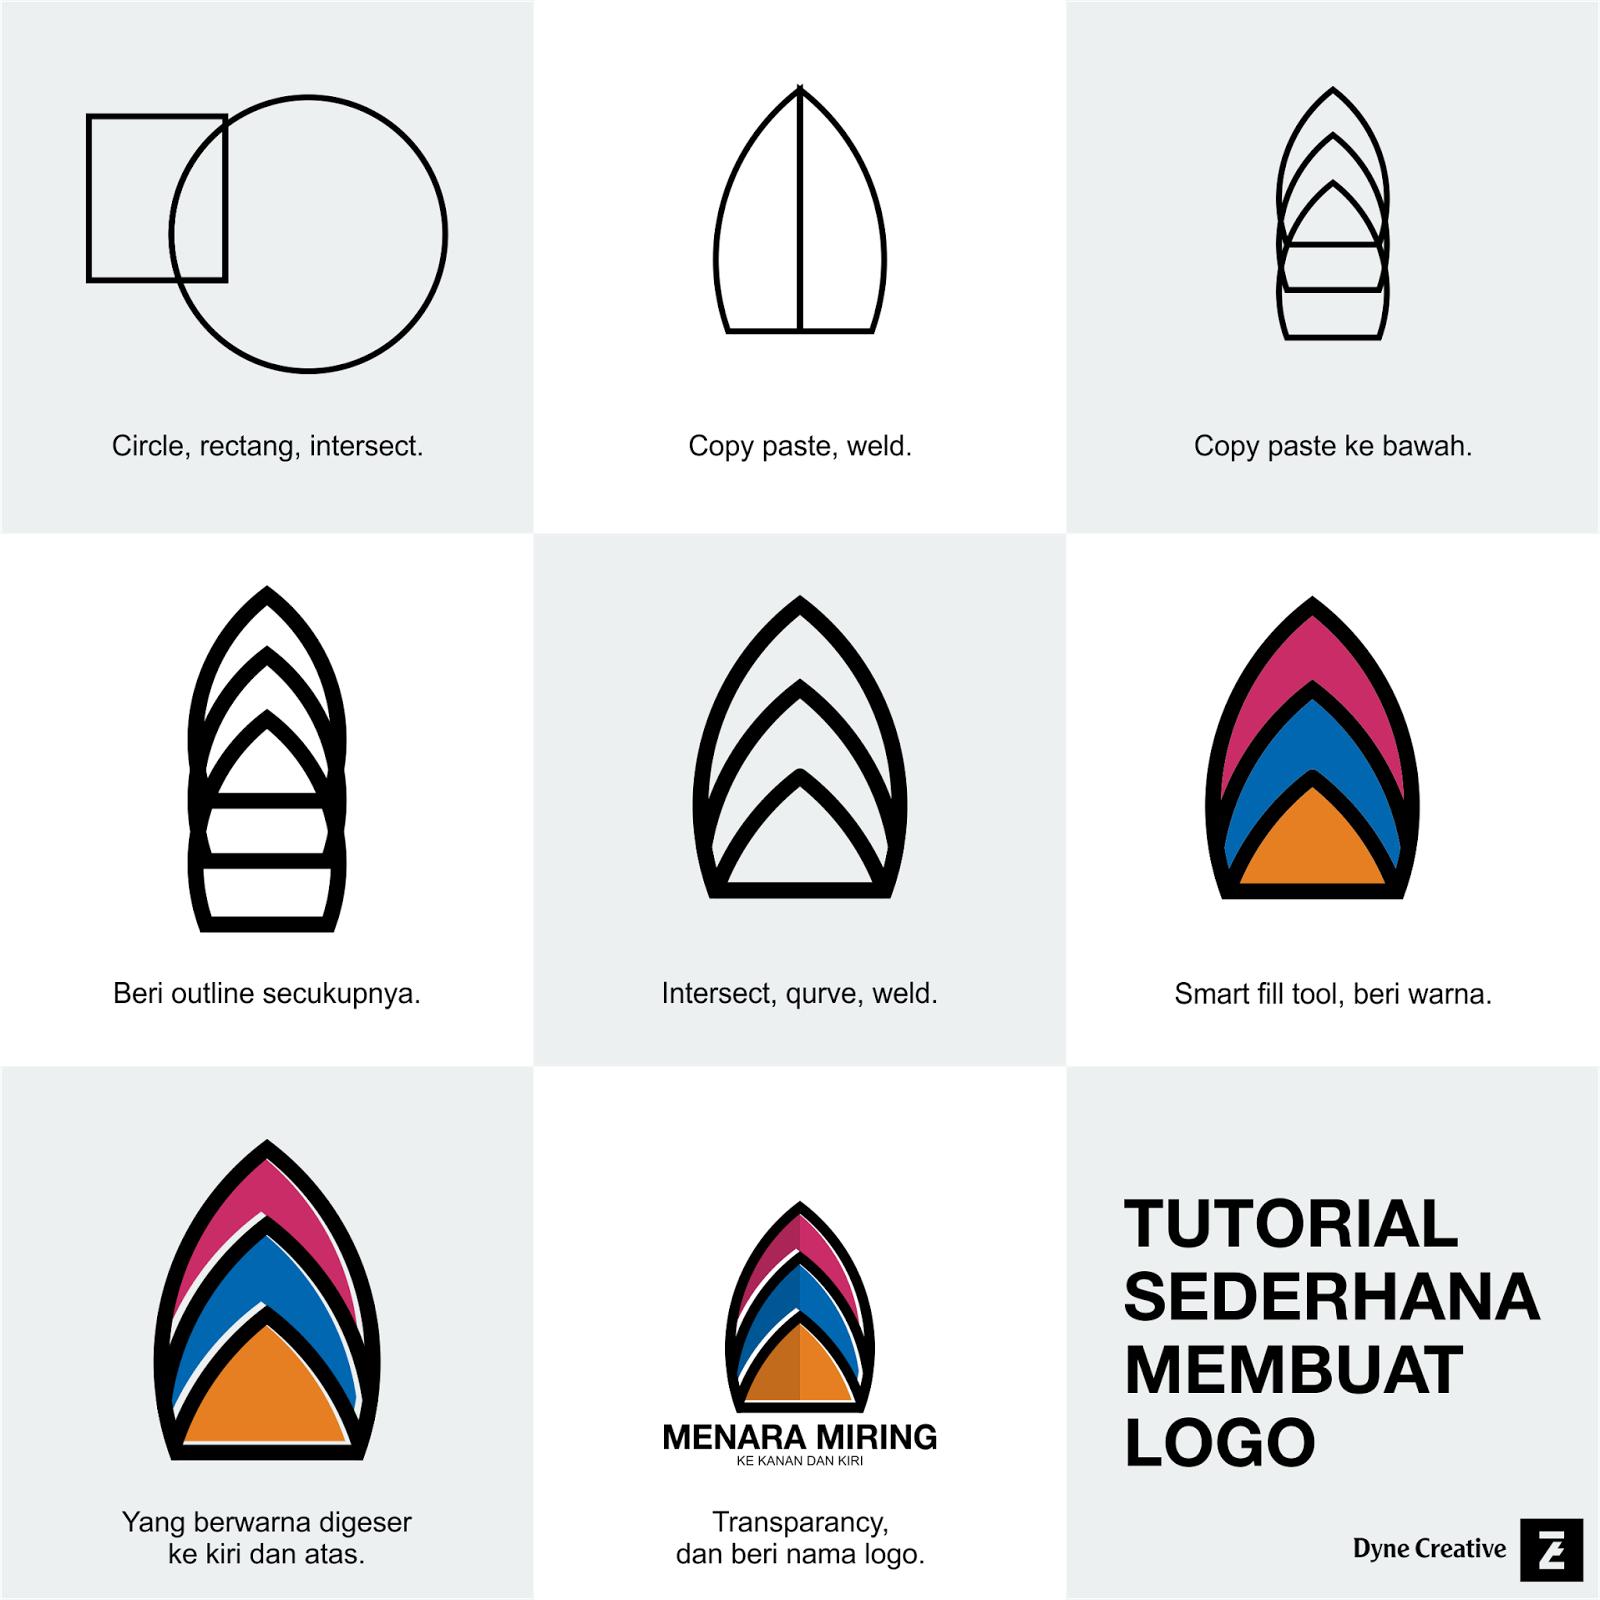 Dyne Creative Studio: Tutorial sederhana membuat logo.